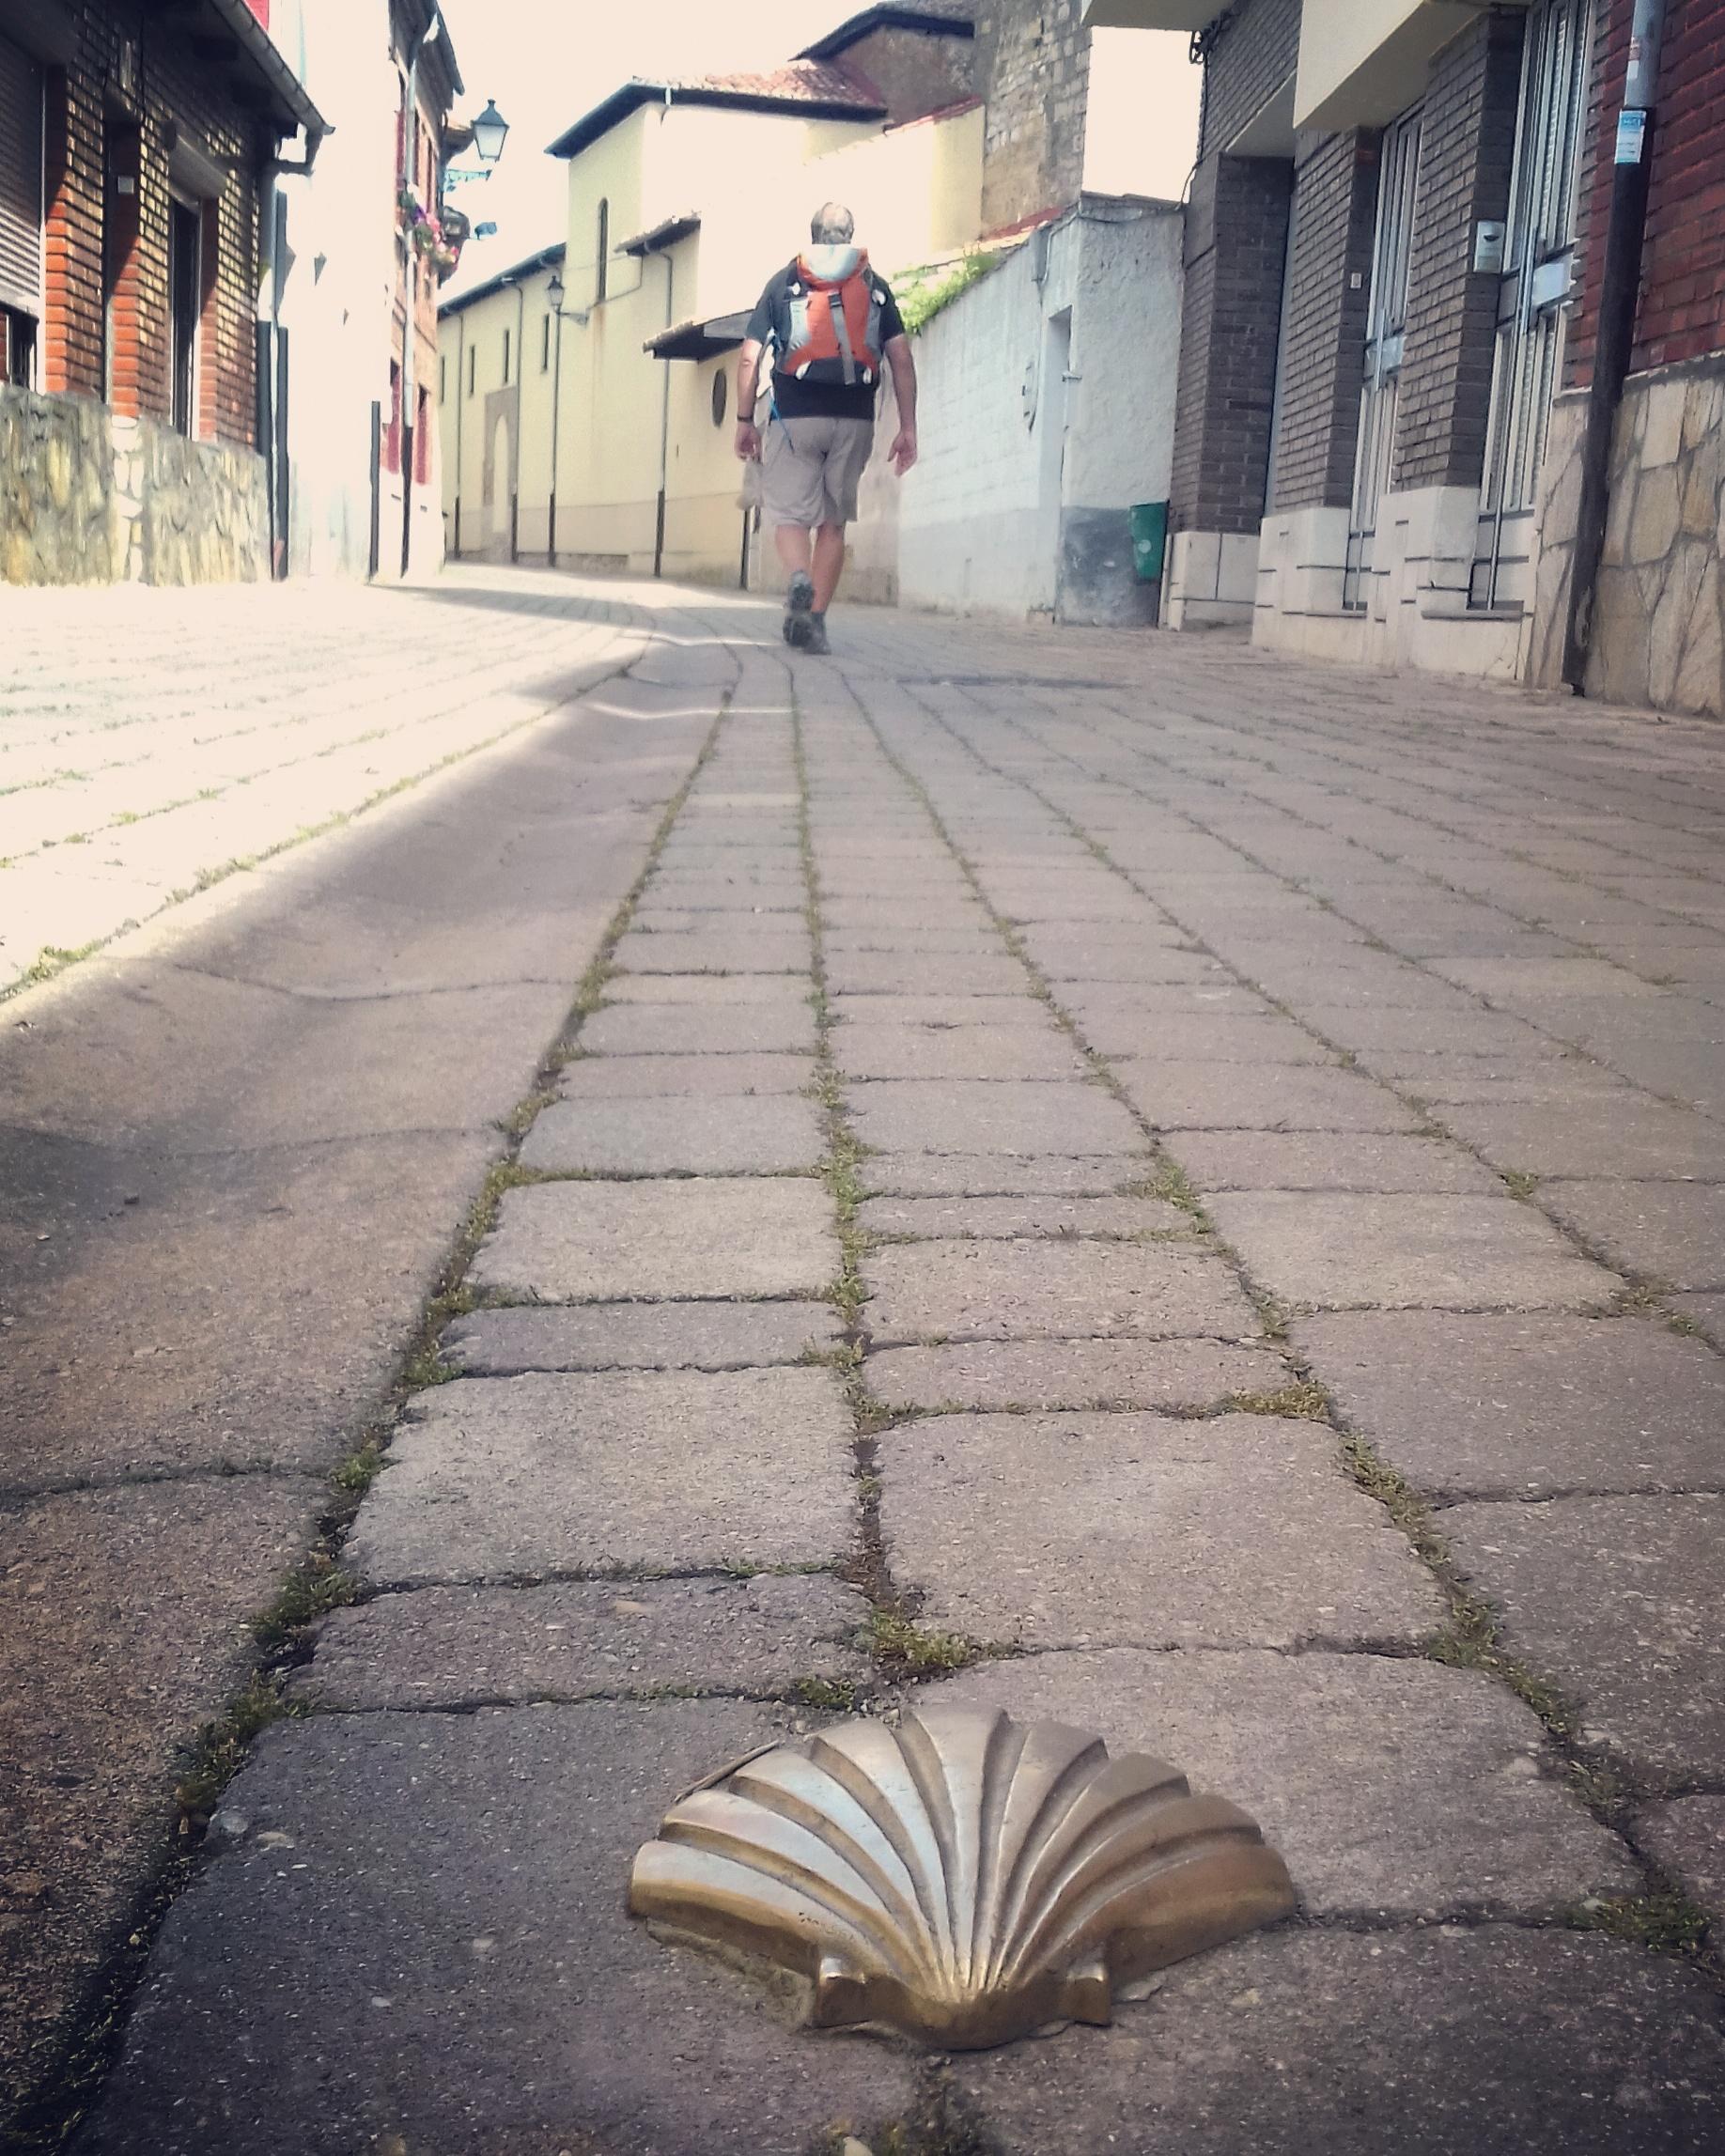 Camino-de-santiago-camino-frances-castilla-conchas-sonsoles-lozano-1